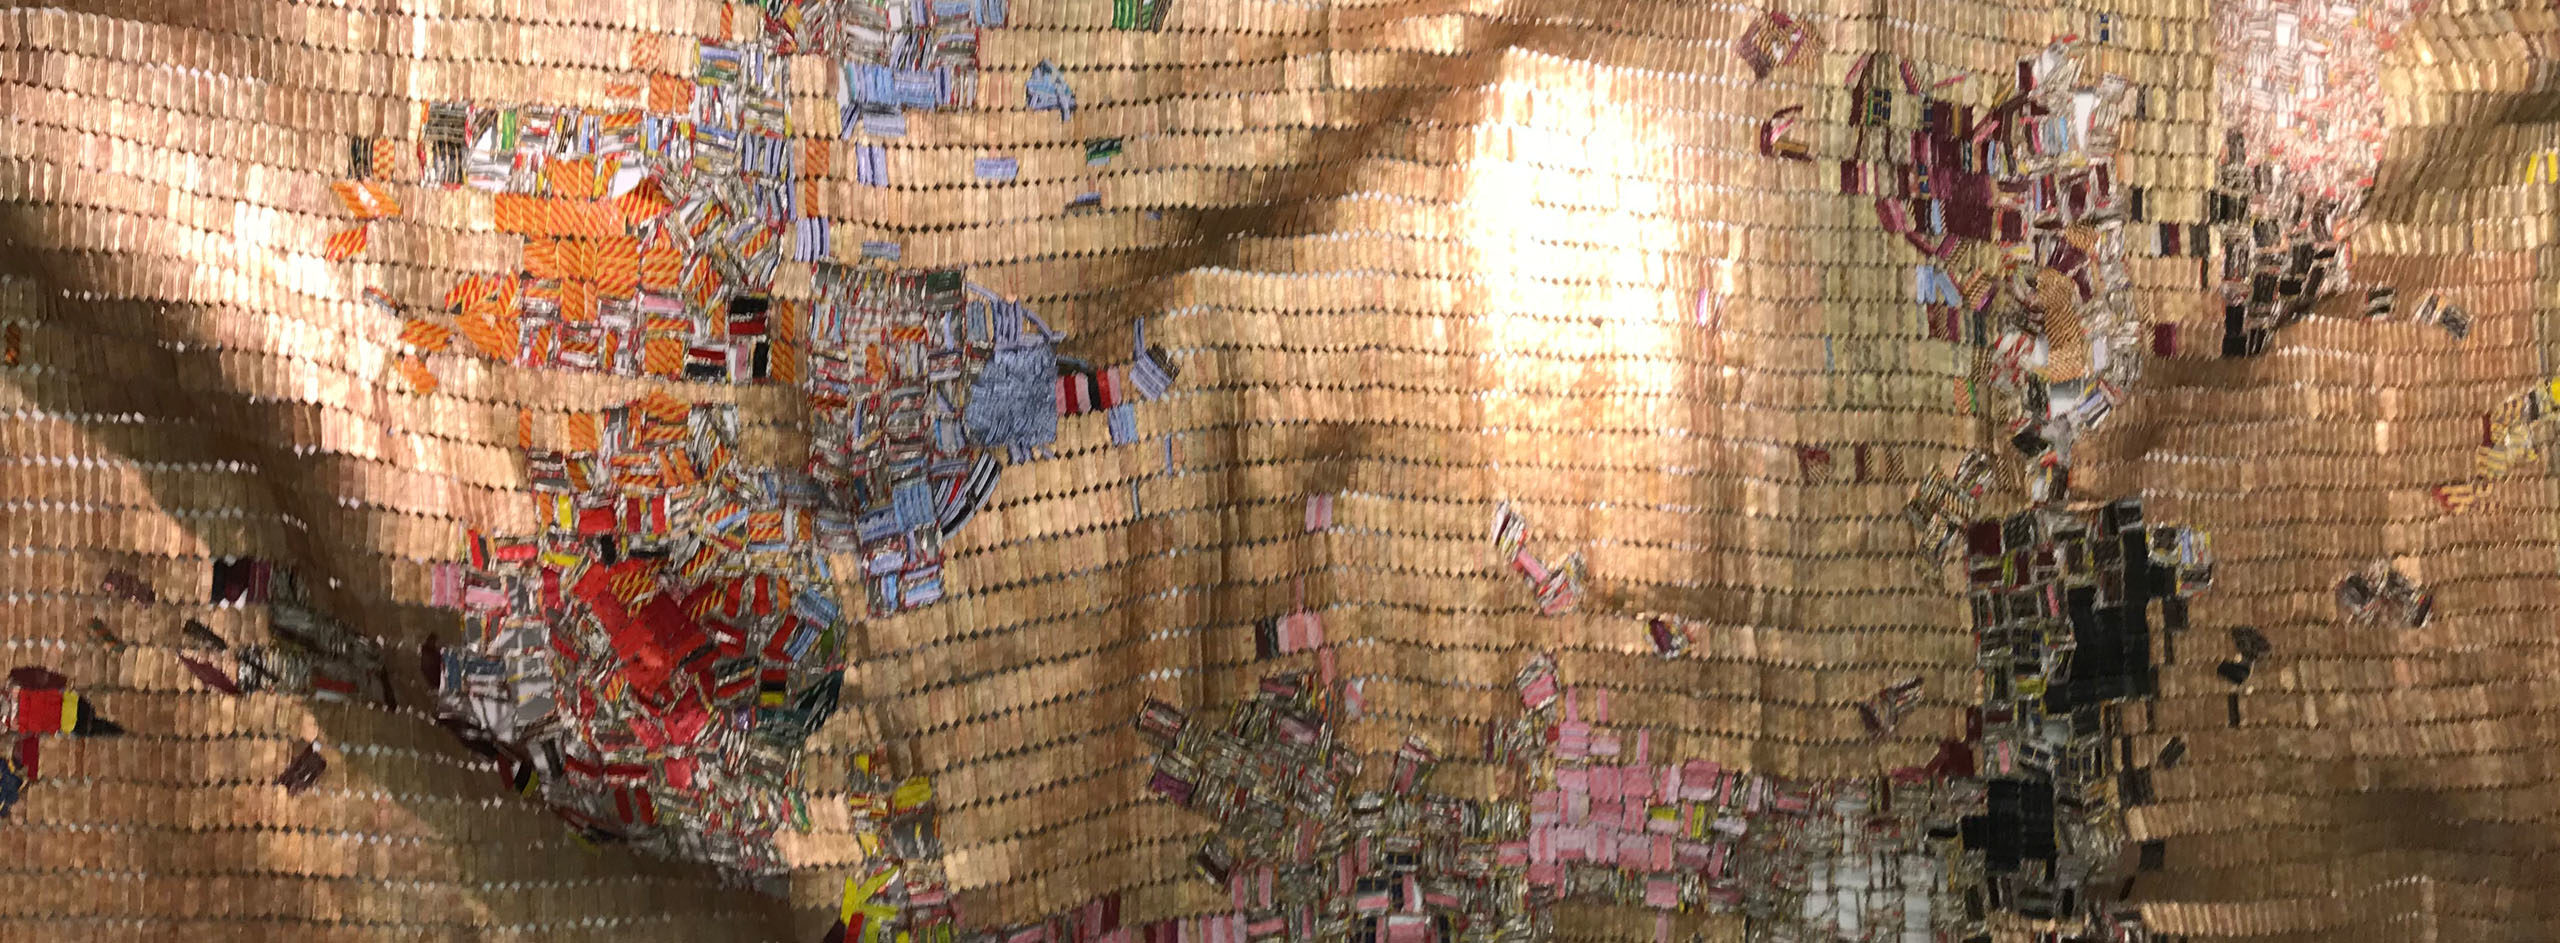 Dissolution des continents, El Anatsui, ZEITZ MOCAA Collection